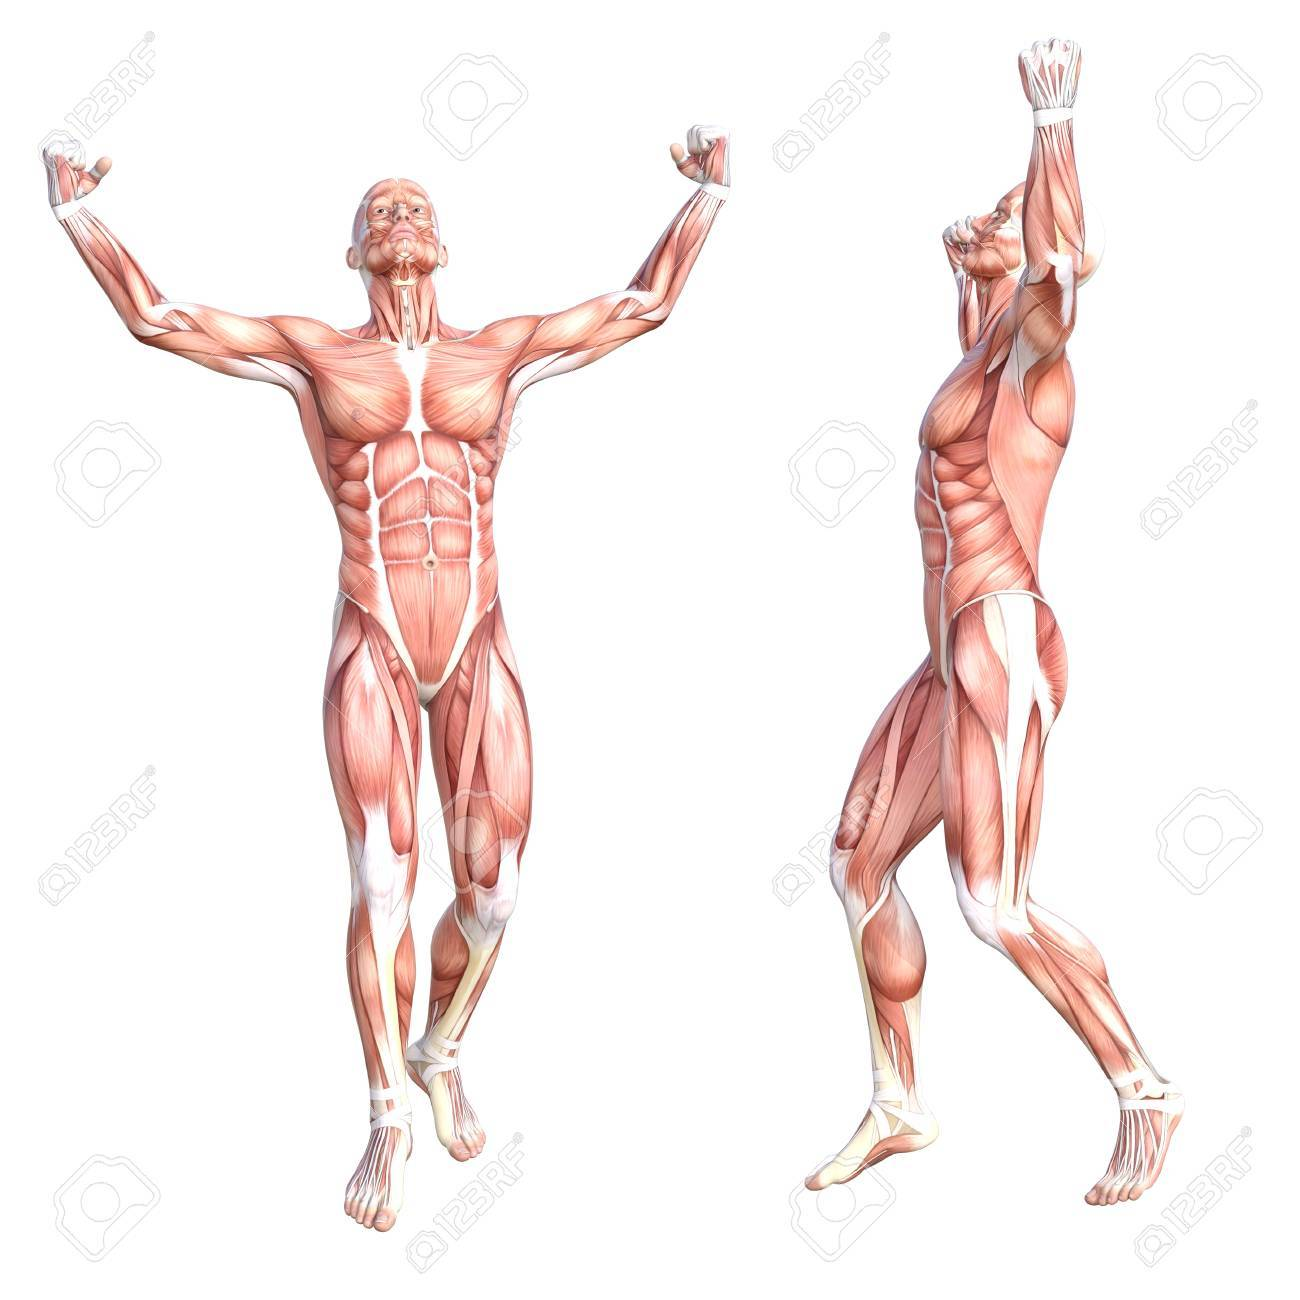 Wunderbar Bilder Von Muskelsystem Fotos - Menschliche Anatomie ...